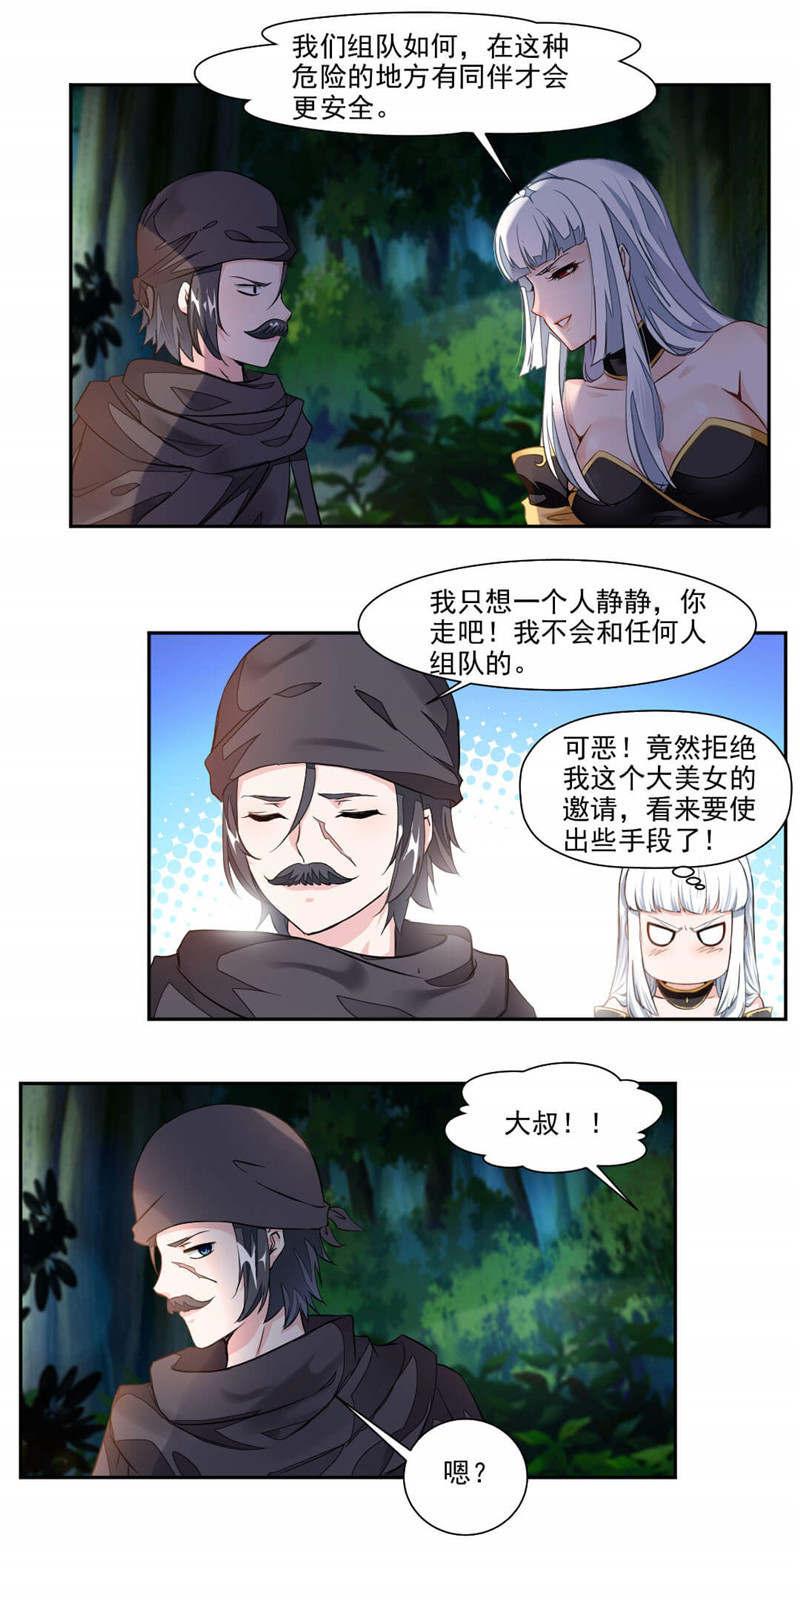 九阳神王第20话  崔慧的诱邀 第 4